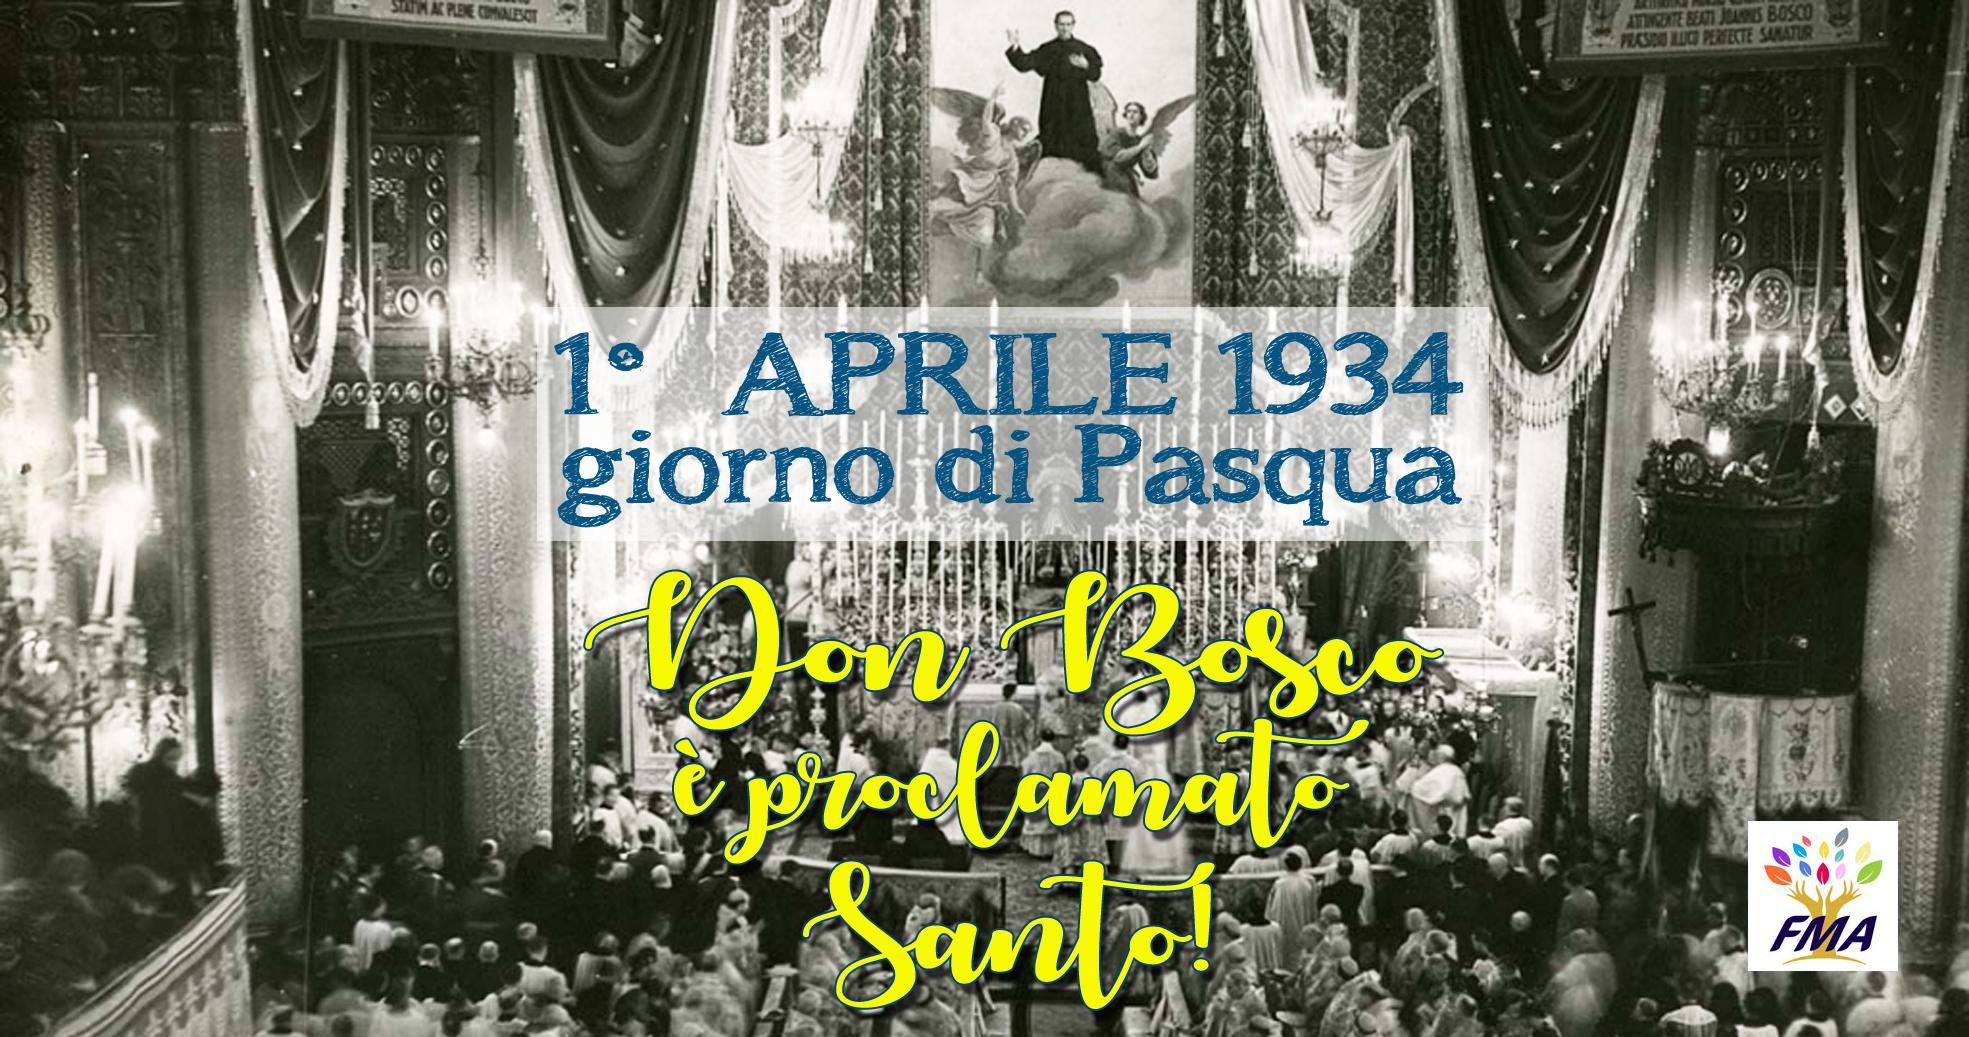 1° aprile 1934: Don Bosco è dichiarato santo